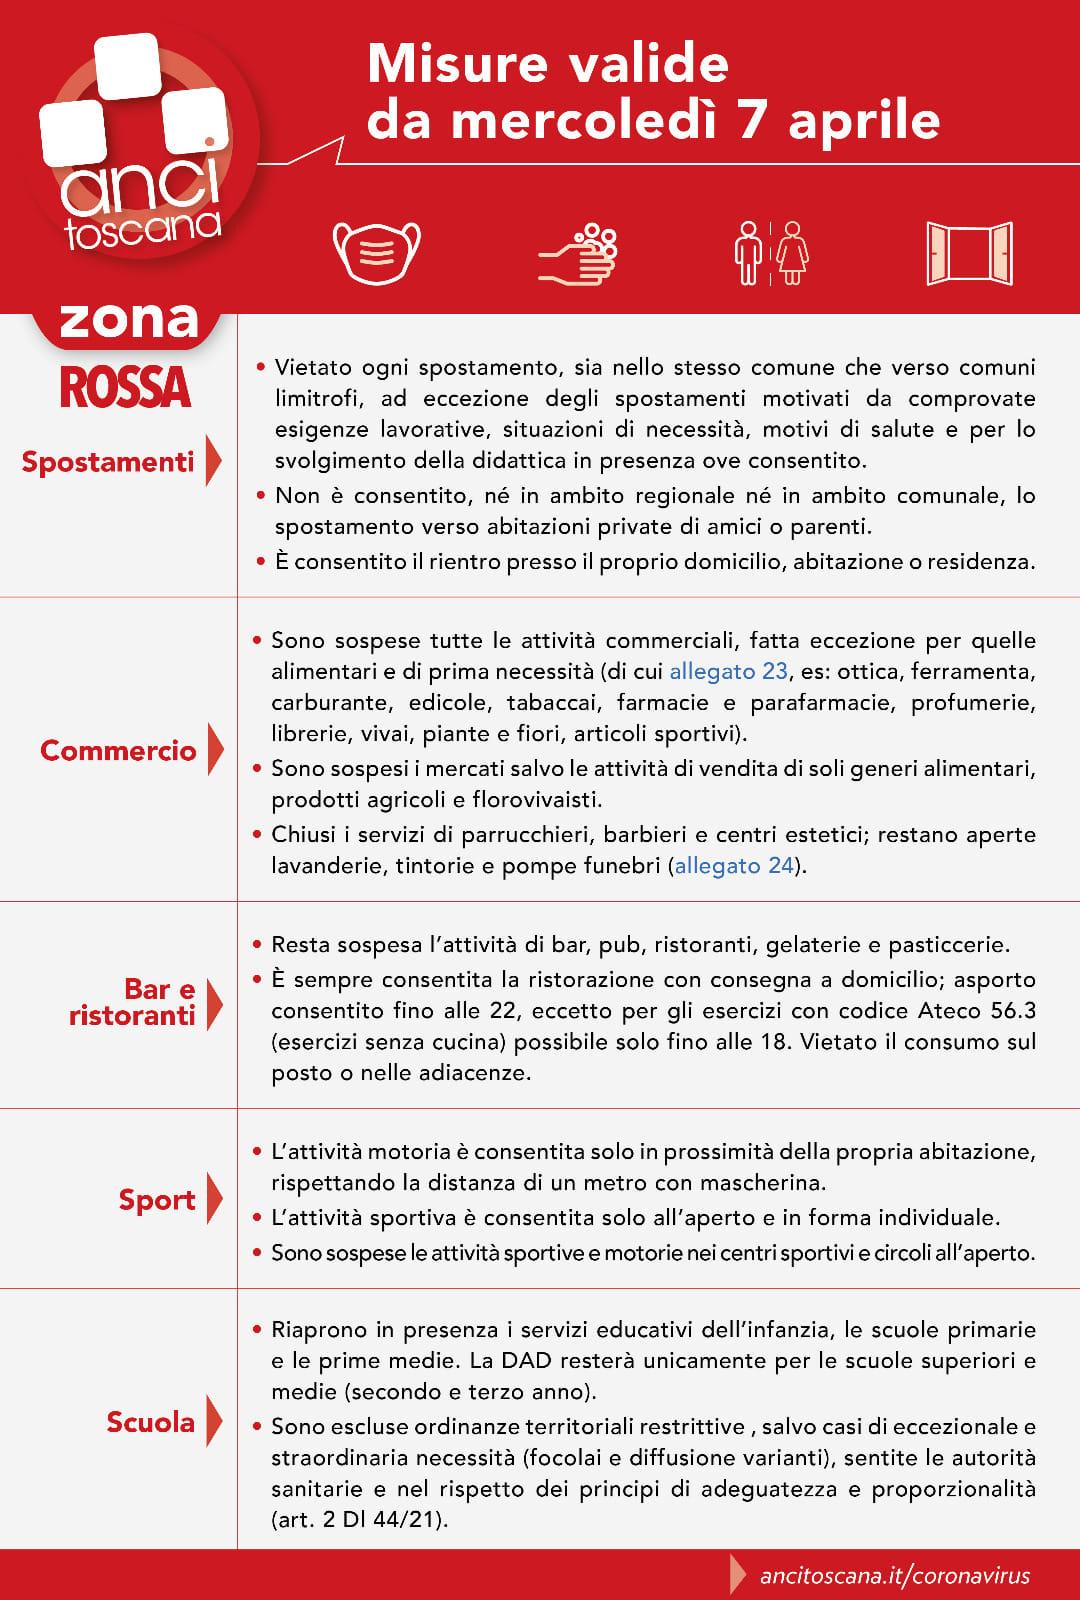 Emergenza Covid-19 - Toscana zona rossa: misure valide dal 7 aprile 2021